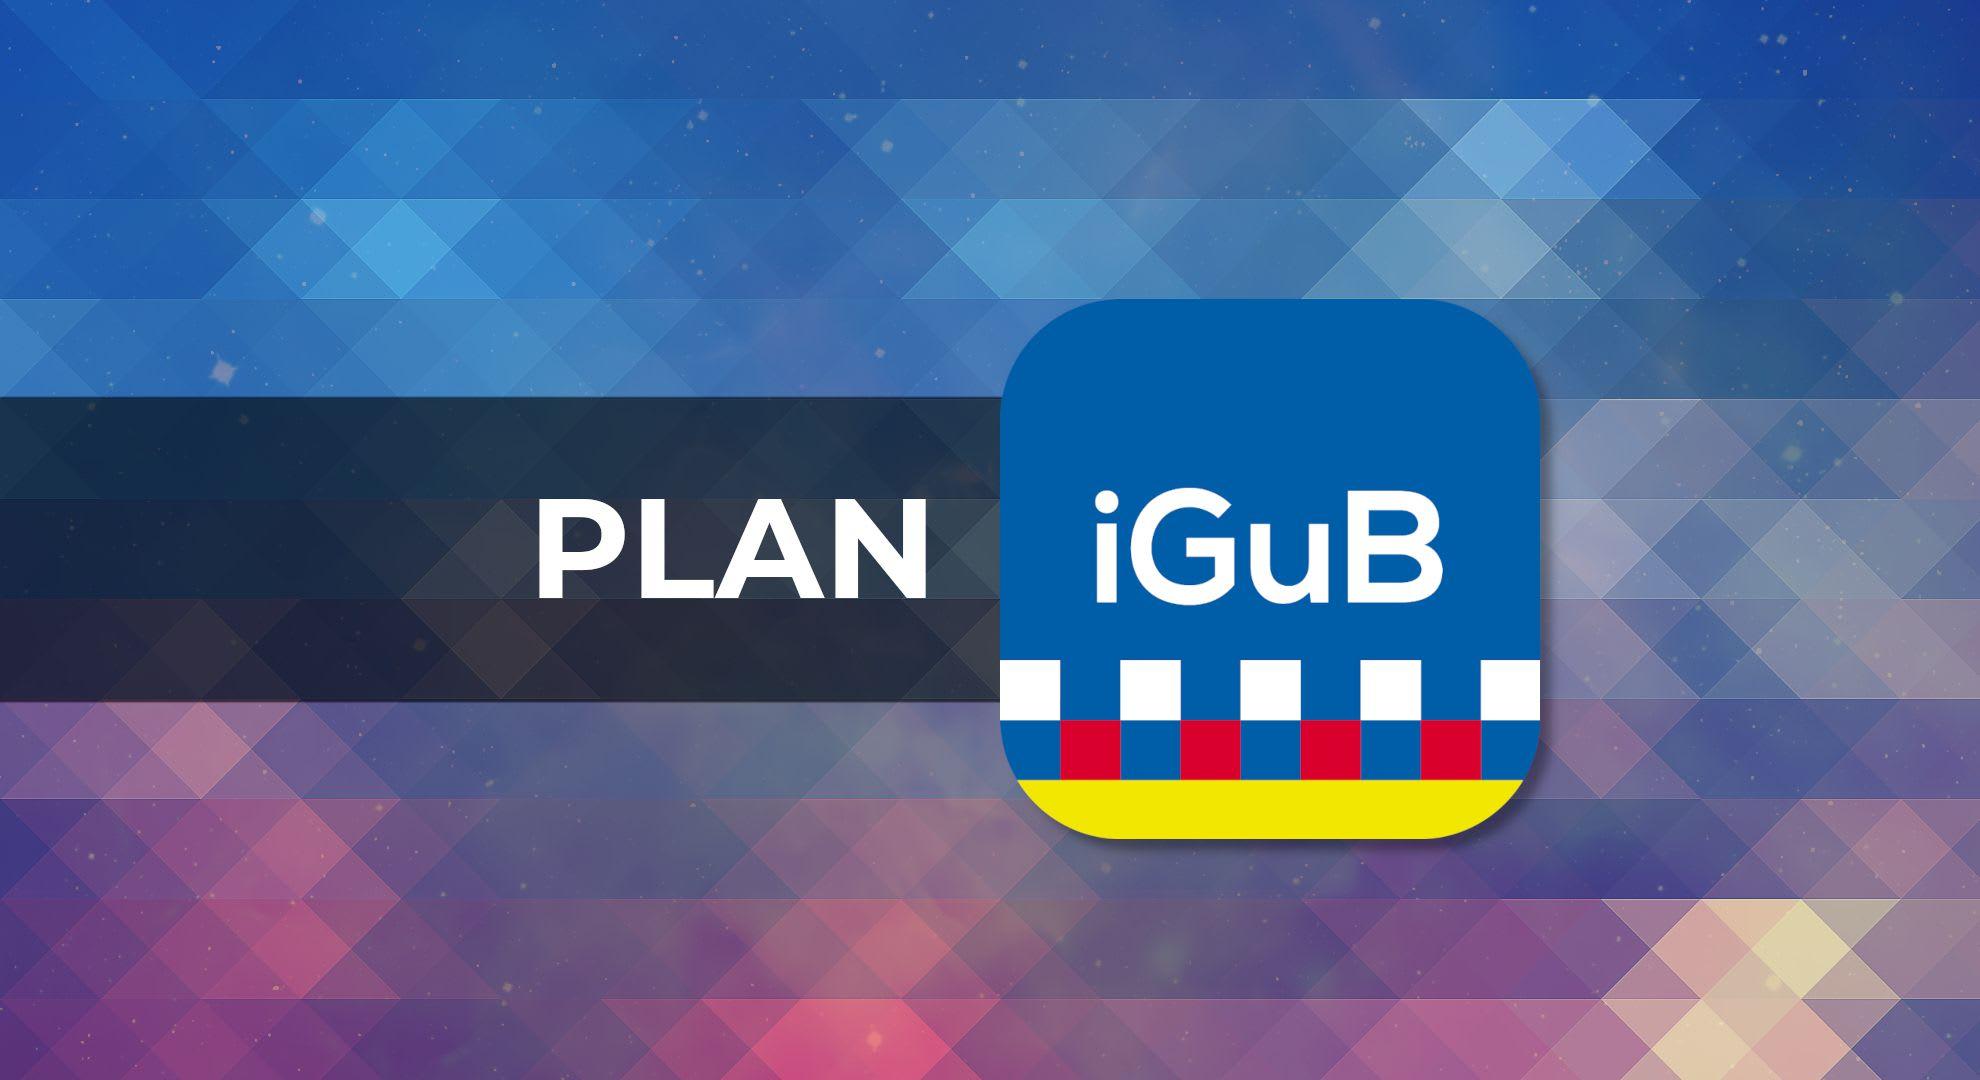 Plan iGuB